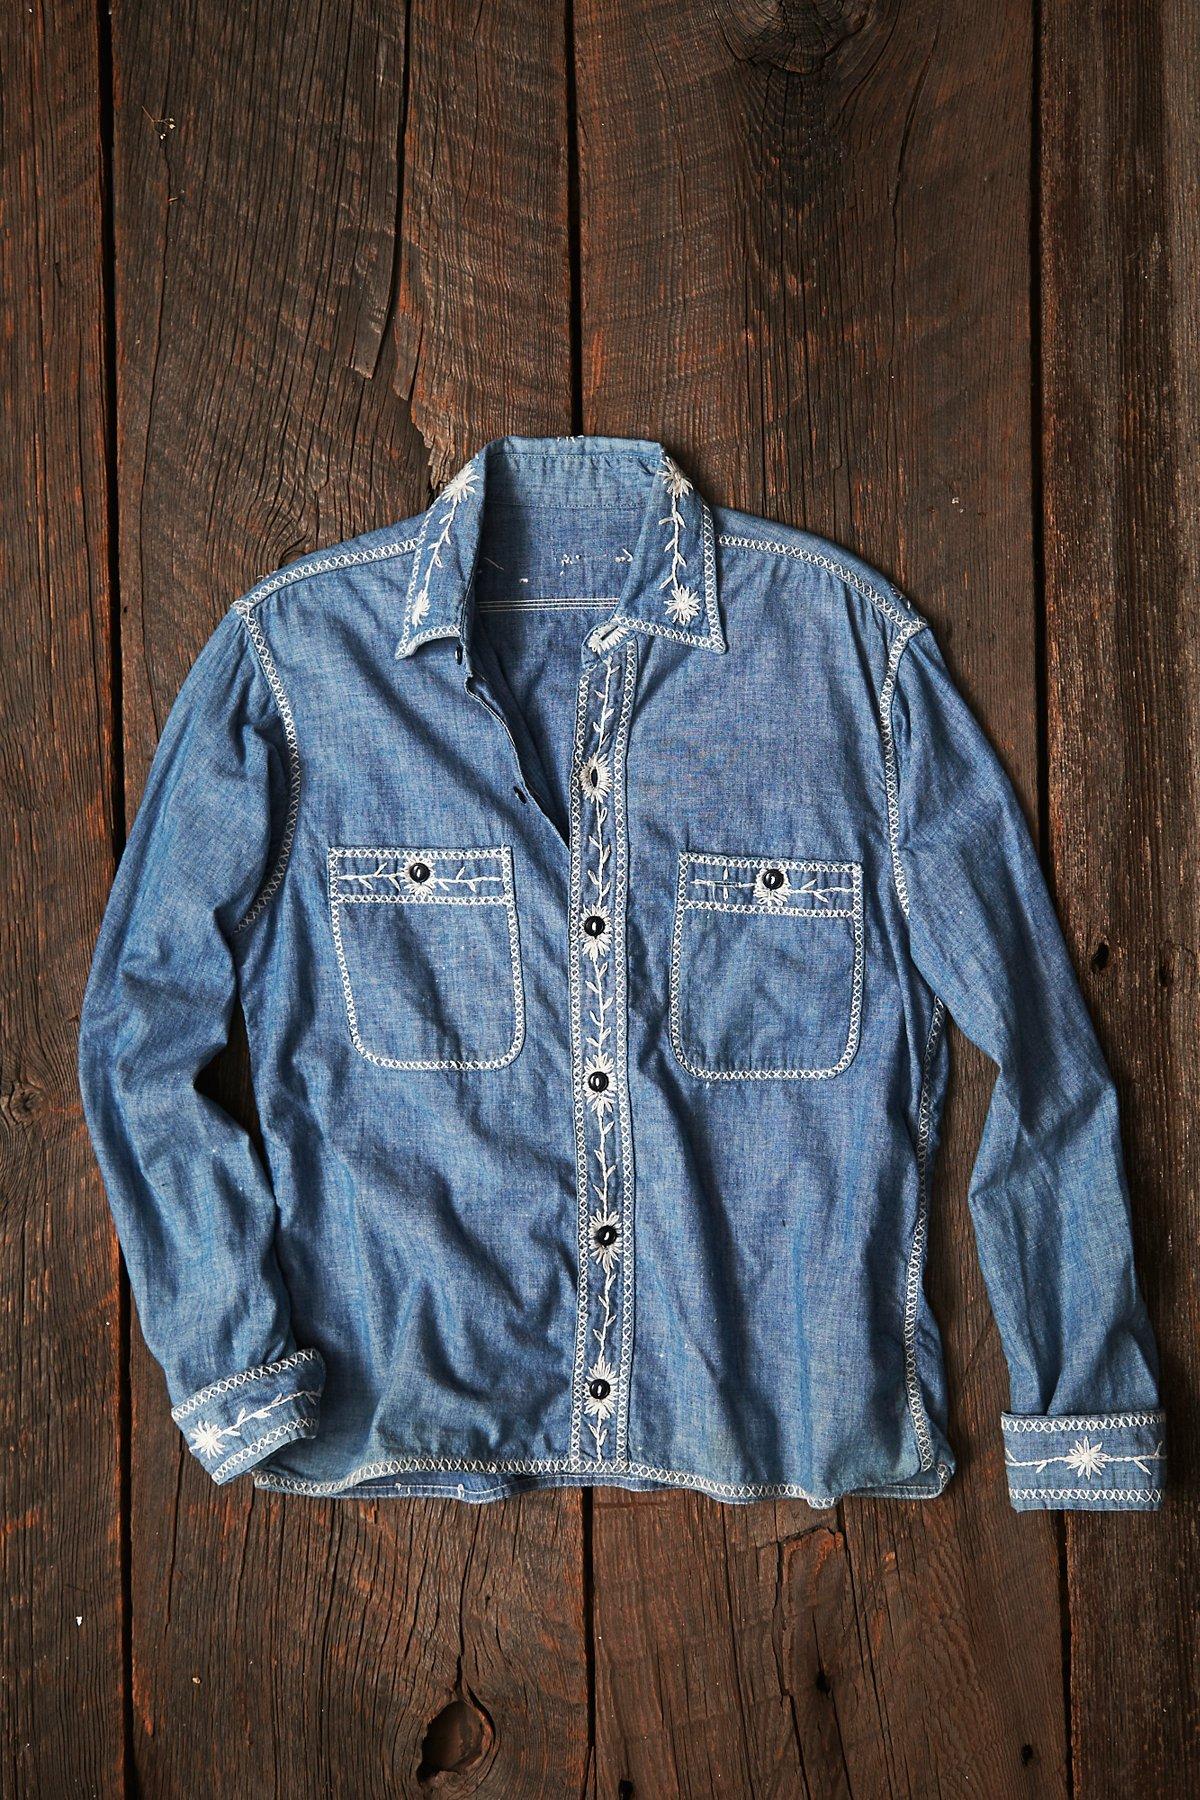 Vintage Embroidered Denim Shirt